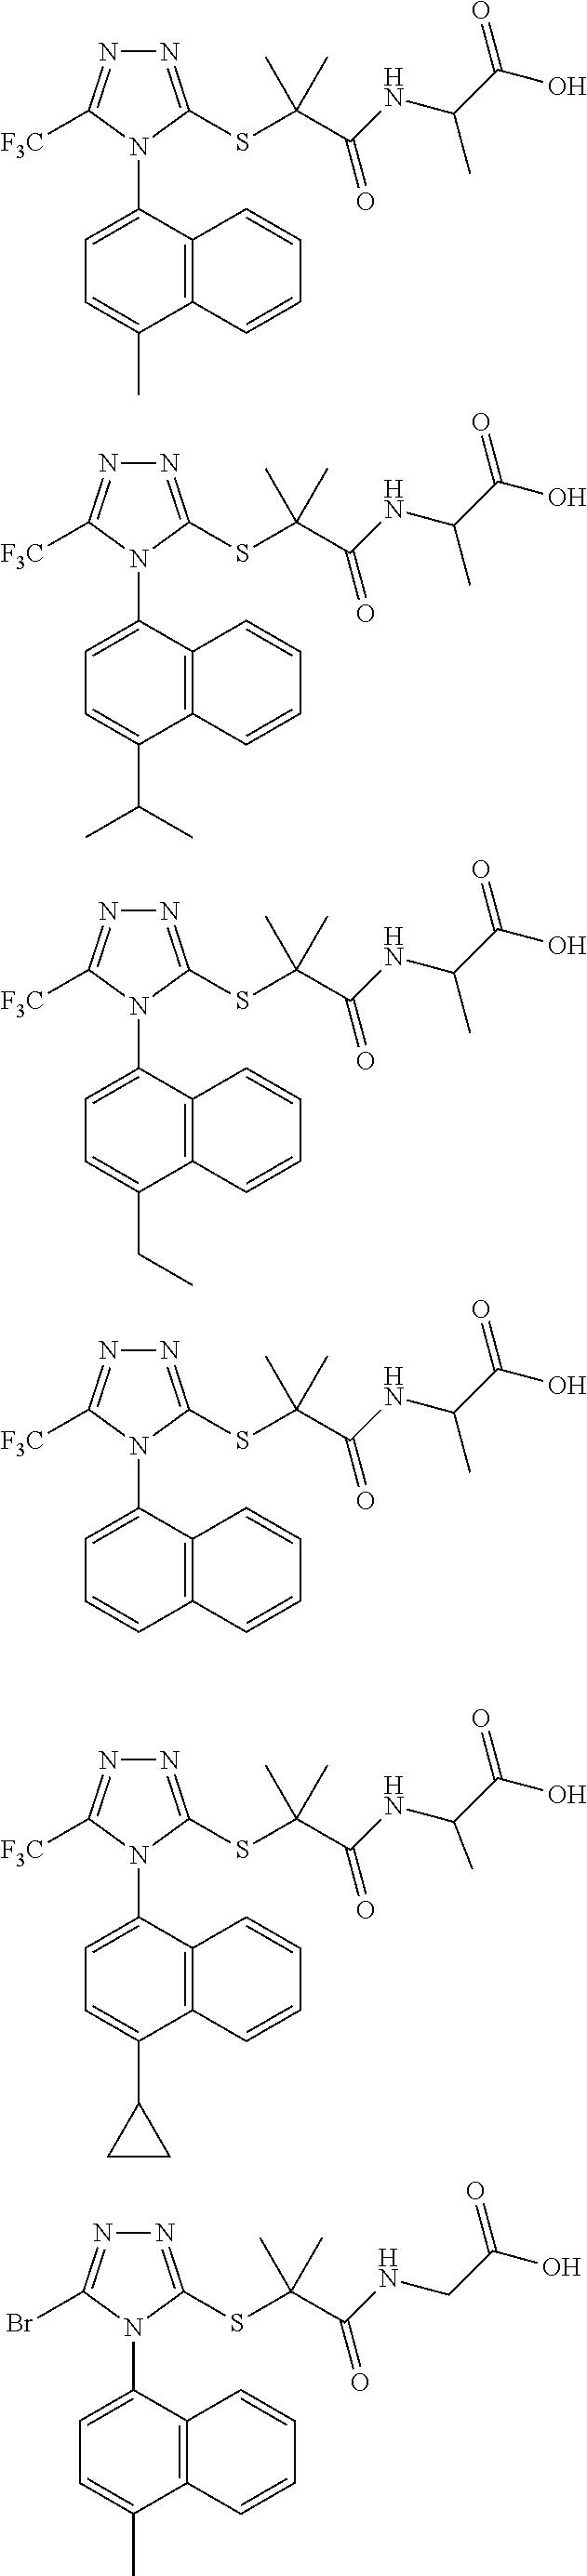 Figure US08283369-20121009-C00045